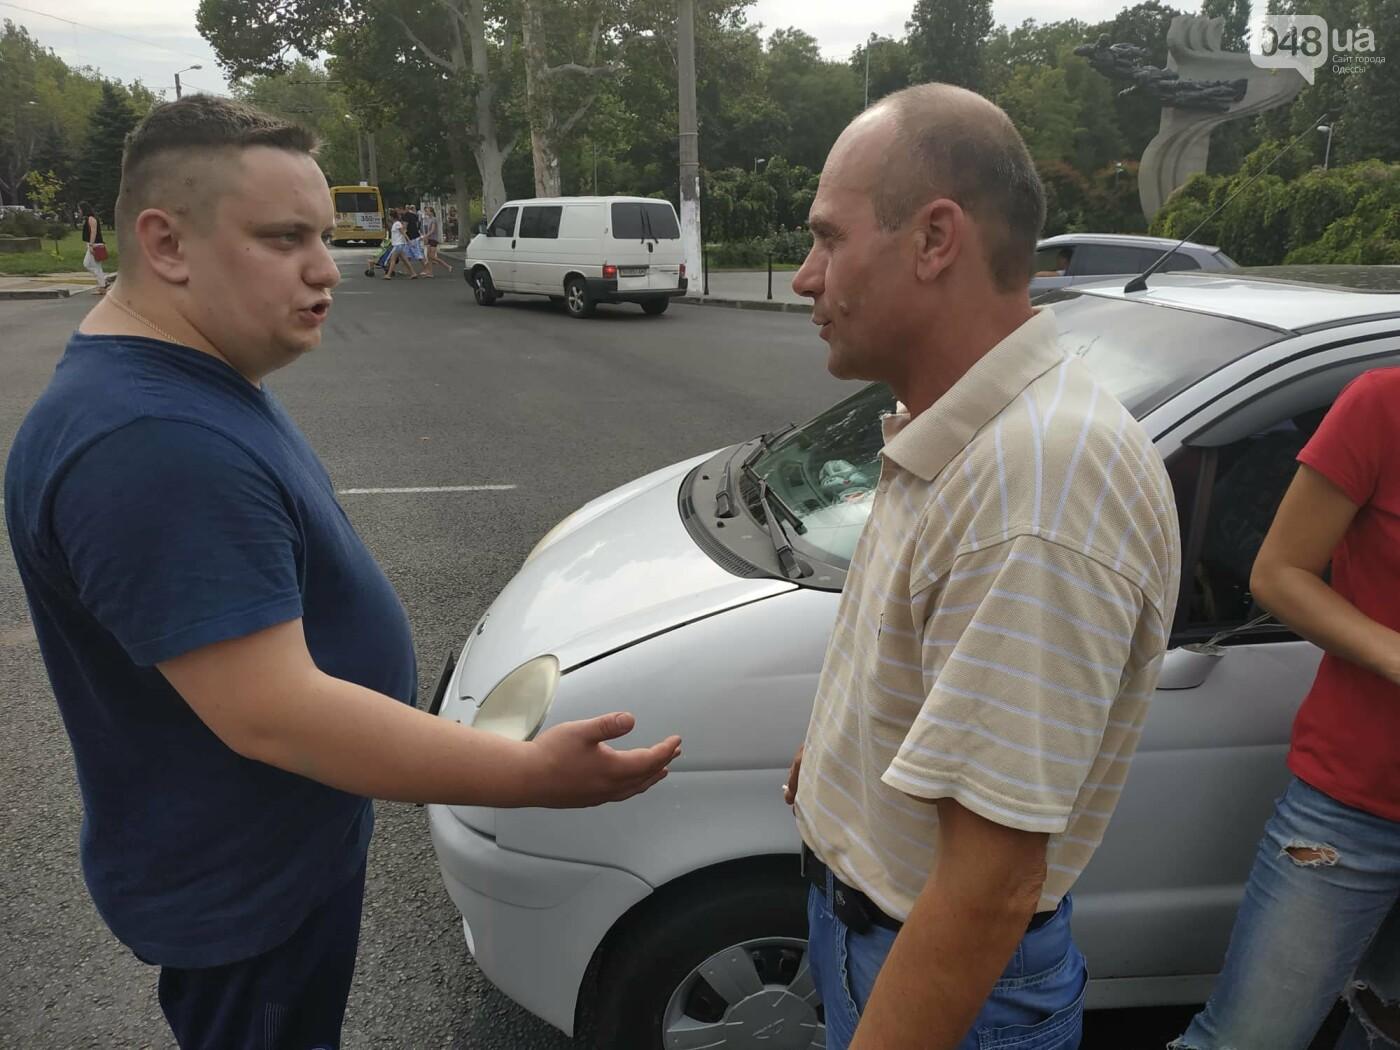 """Пассажир, """"выпрыгнувший"""" посреди дороги в Одессе: стали известны подробности ДТП, - ФОТО, фото-2"""